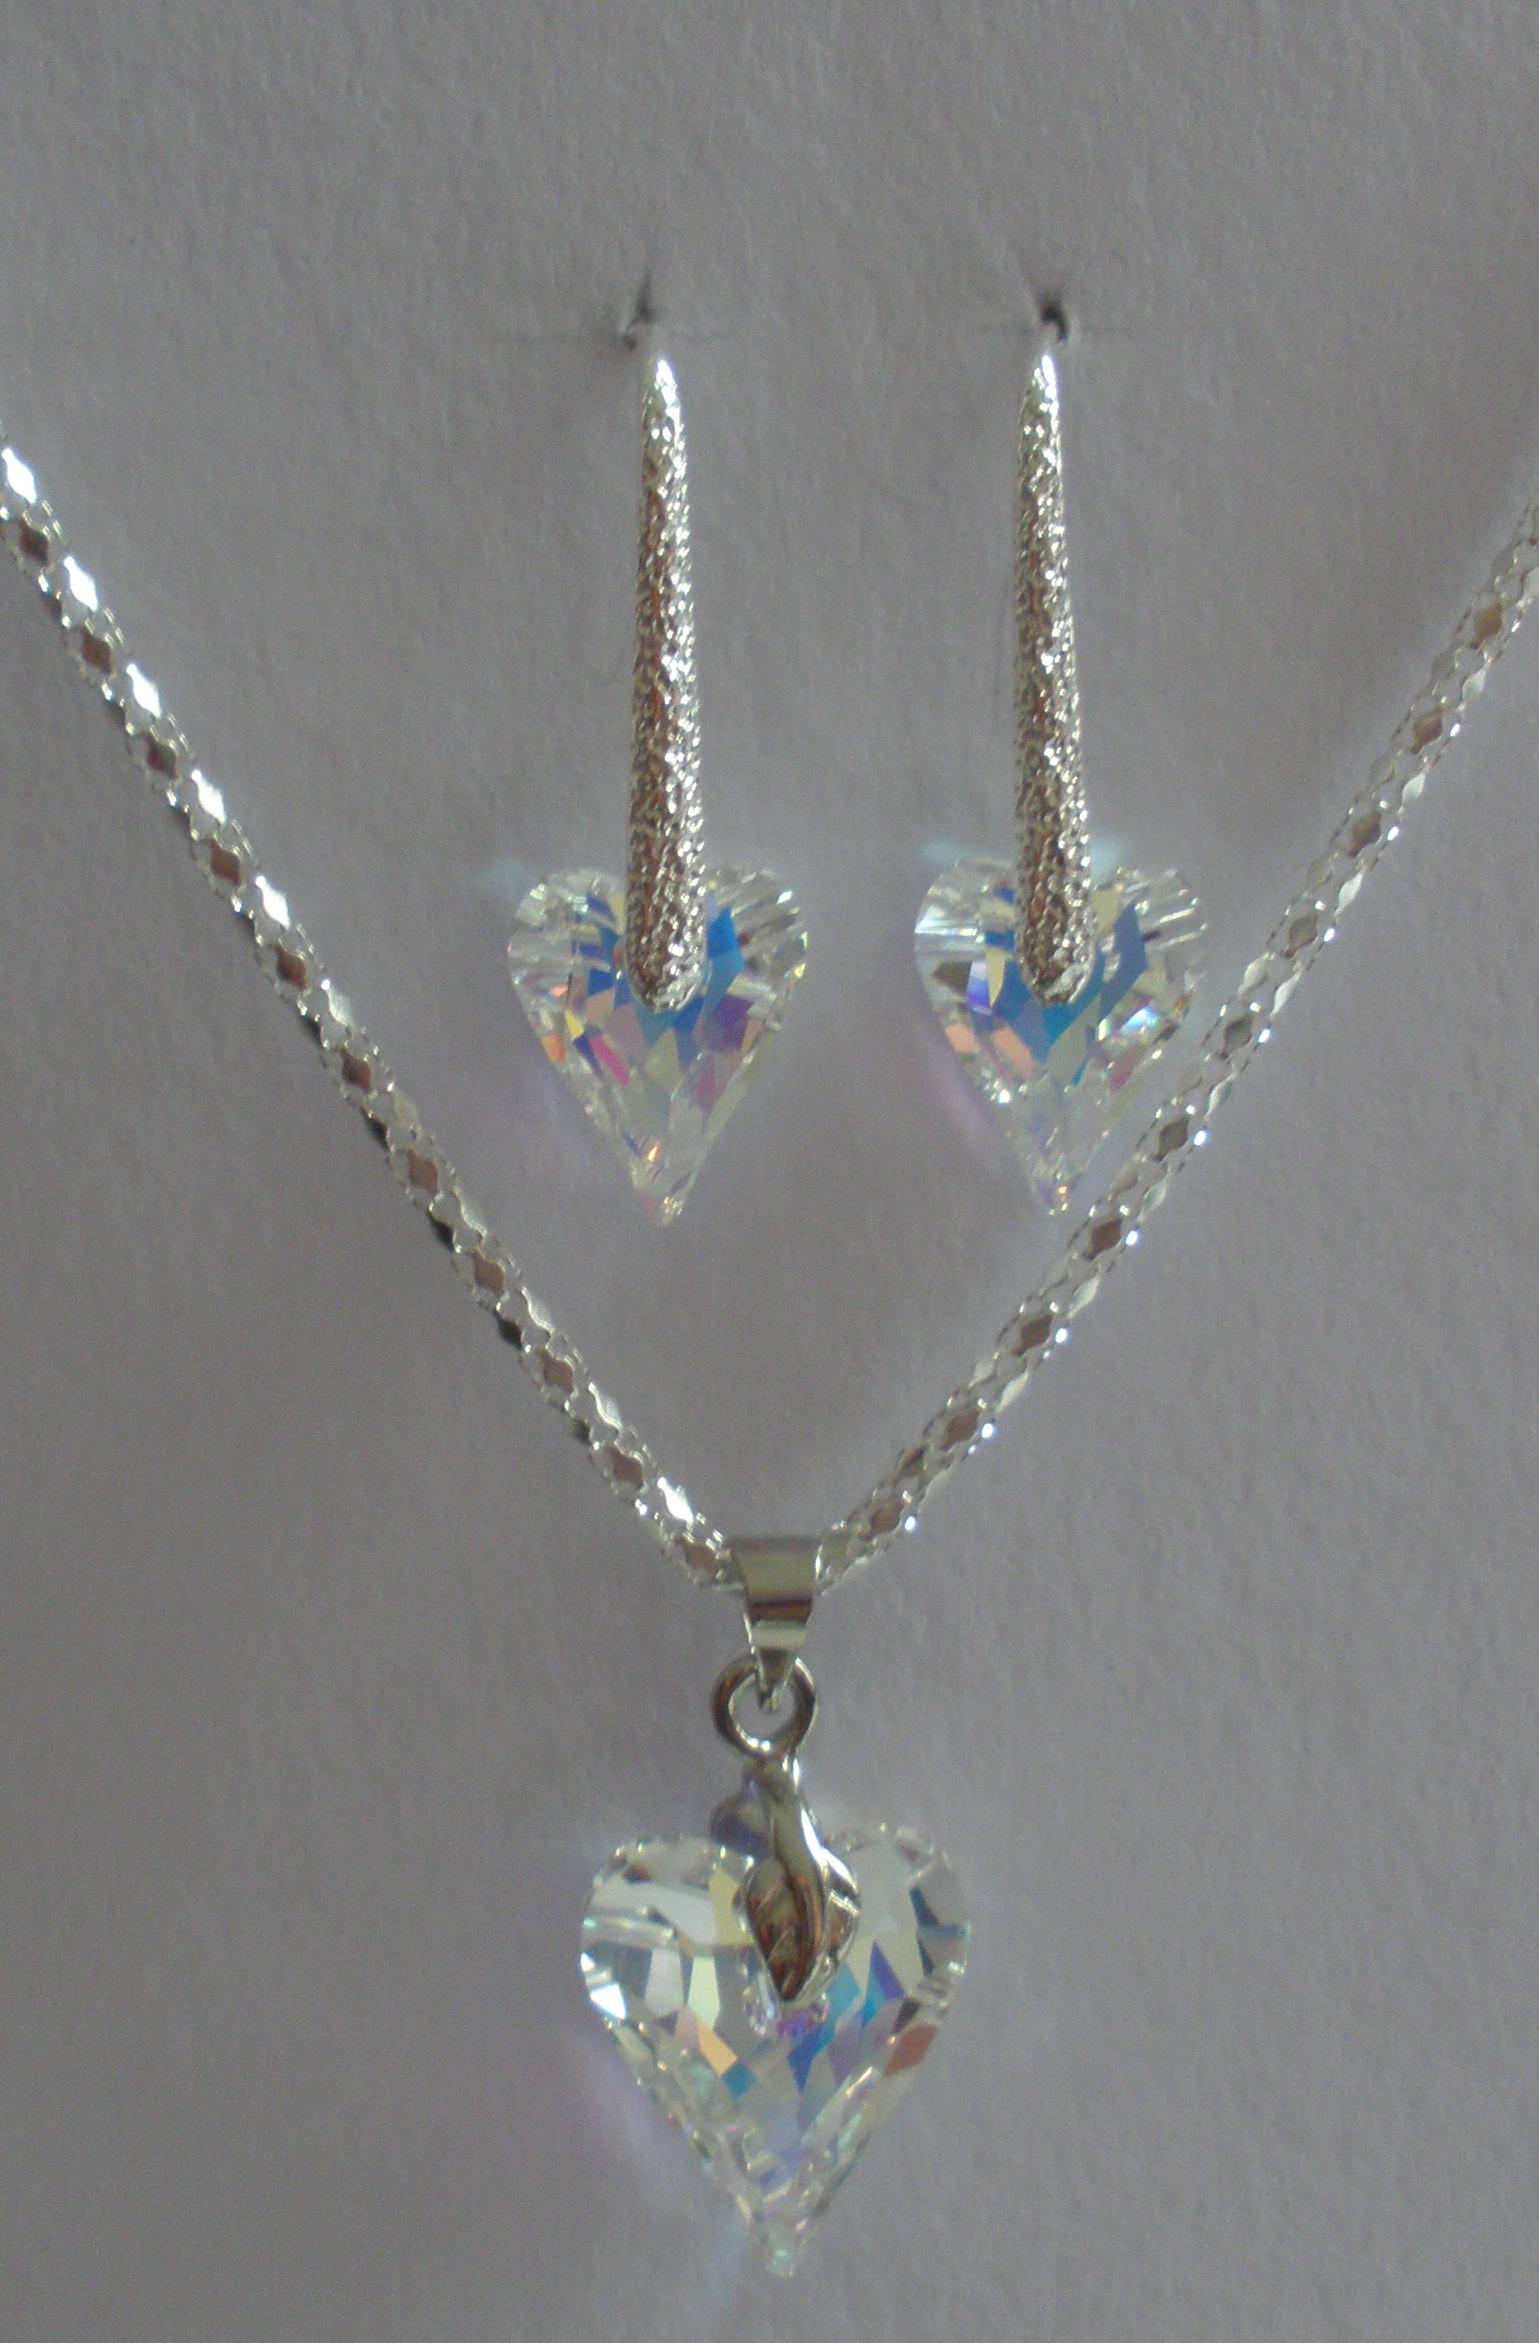 Sada Swarovski Divoké srdce Crystal AB s bižuterními komponenty (SwDiS1) 4a105a134d2